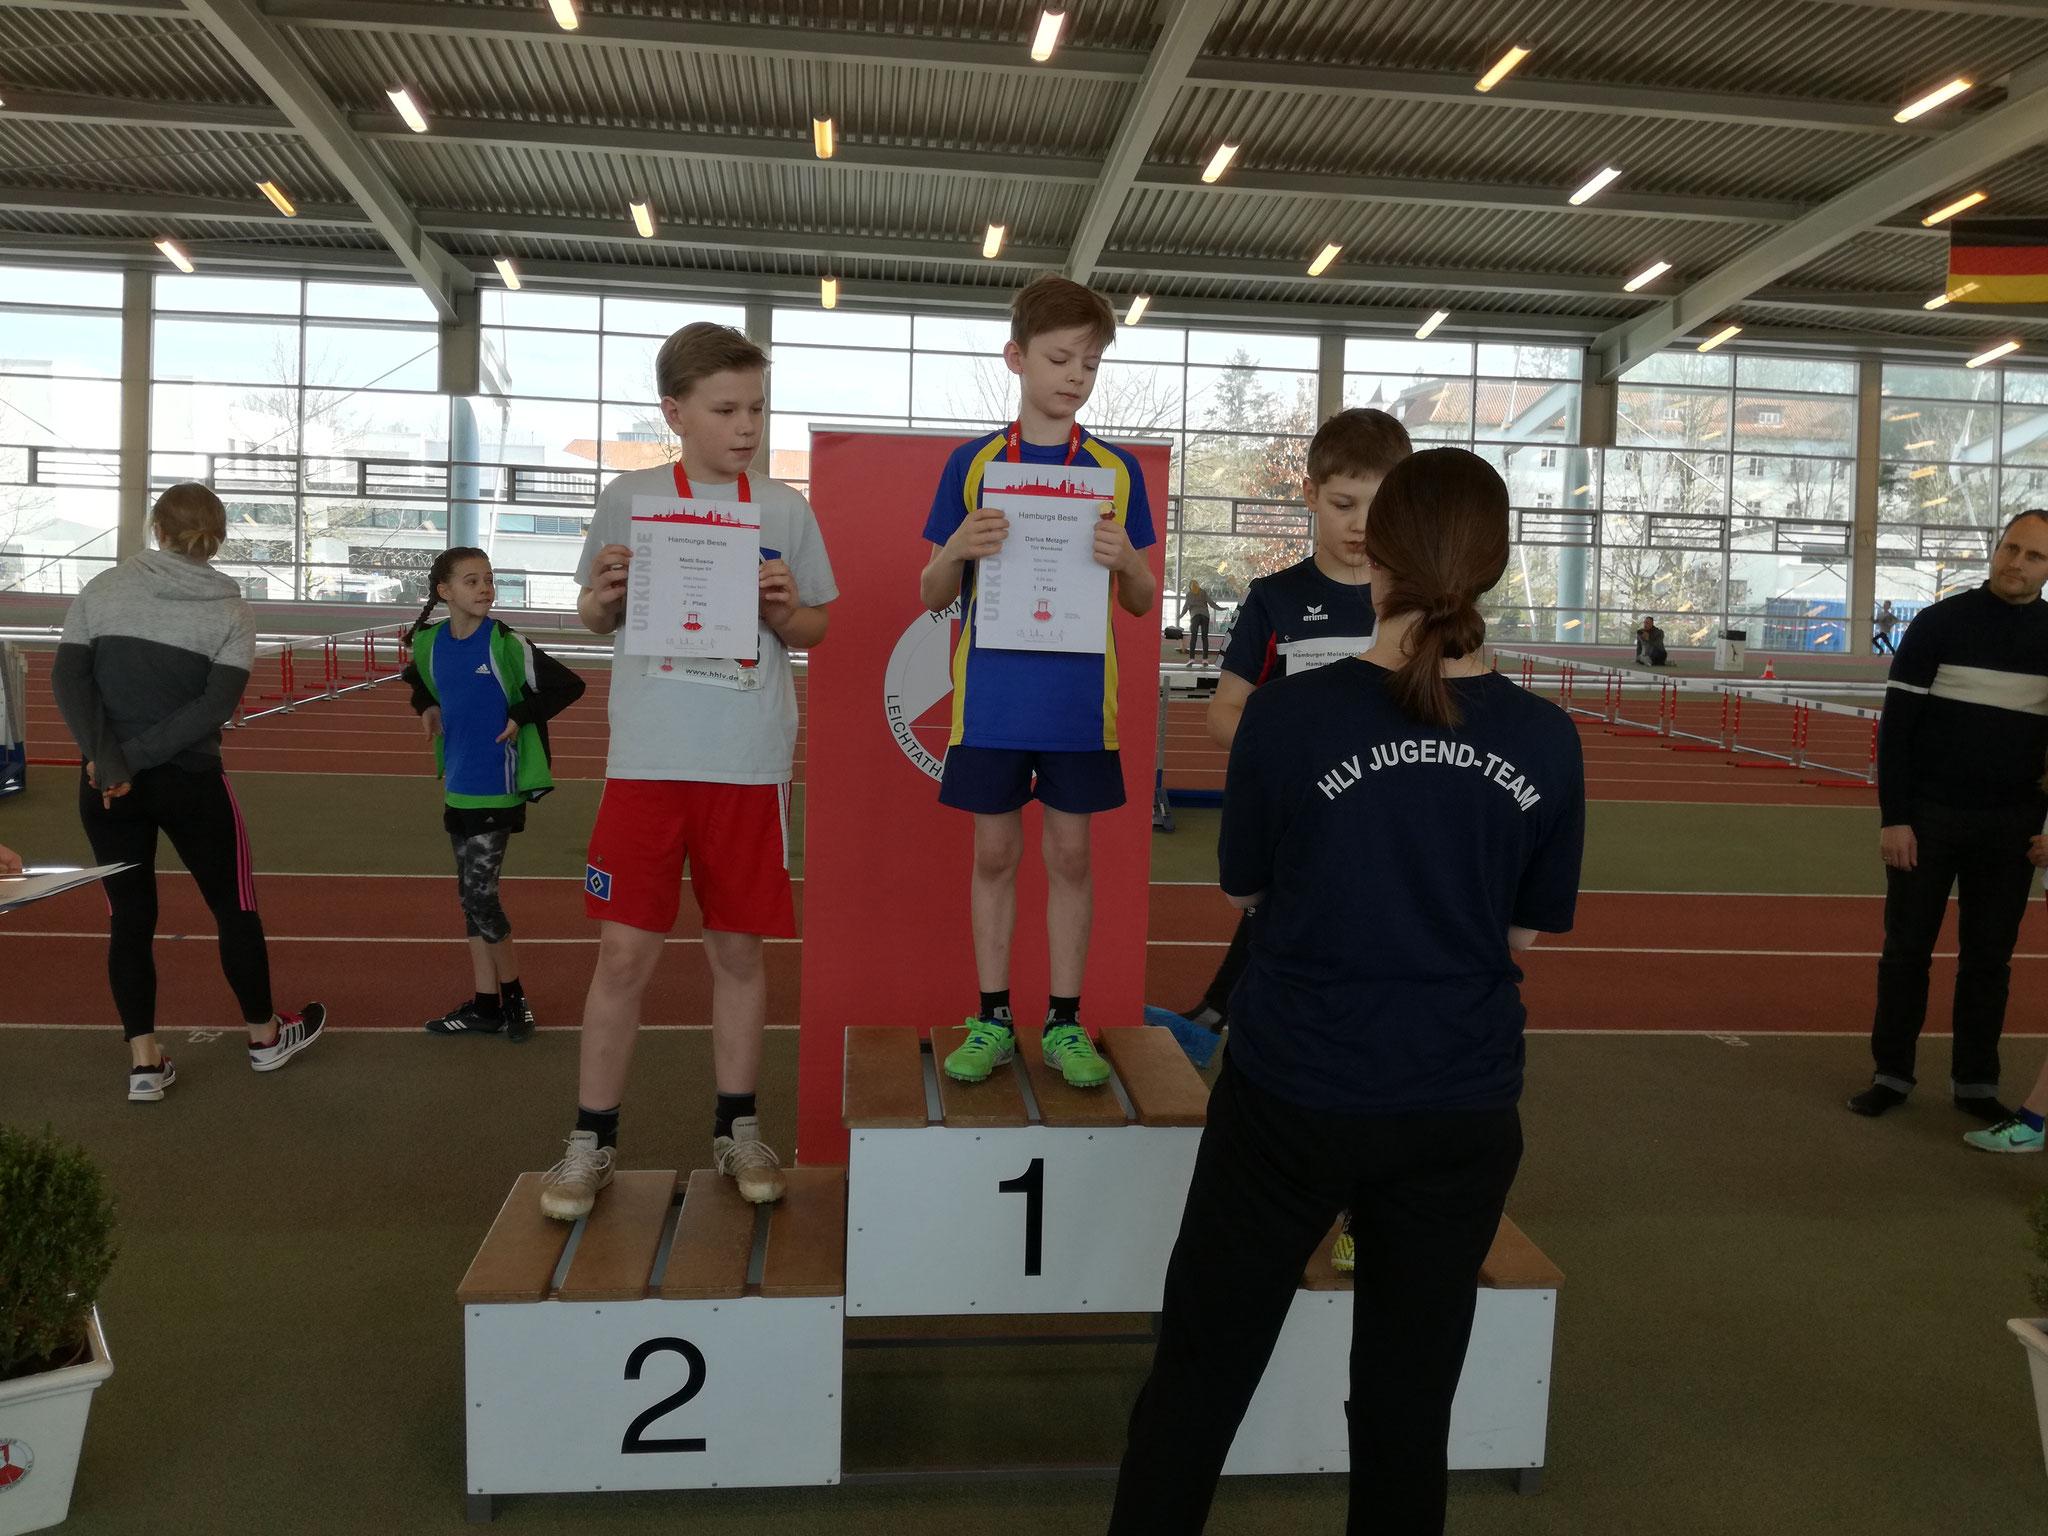 Darius, Hamburger Meister über 50 m Hürde, Platz 4 im 50 m Sprint